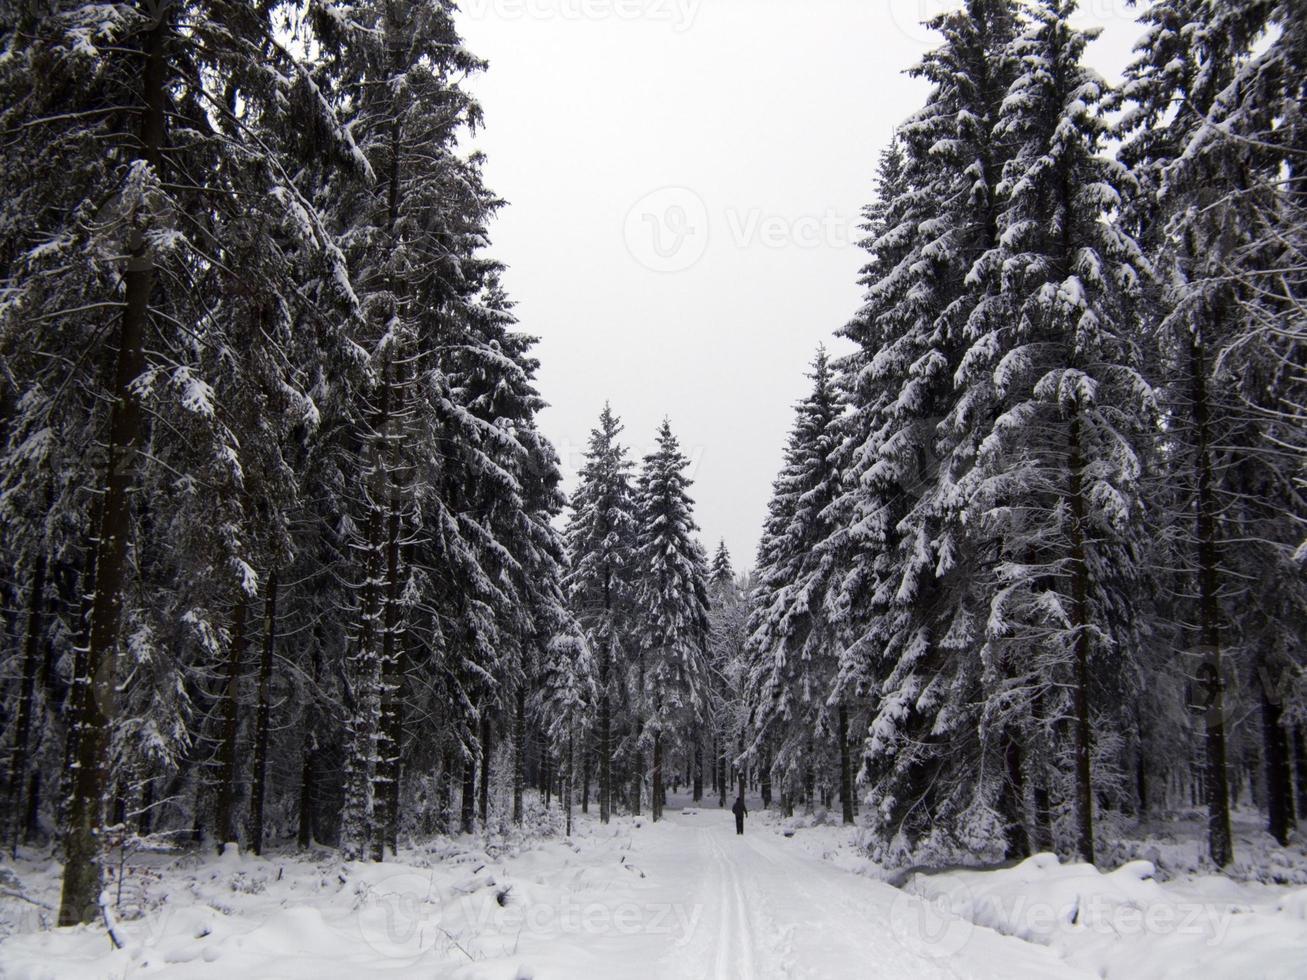 paesaggio invernale. foto